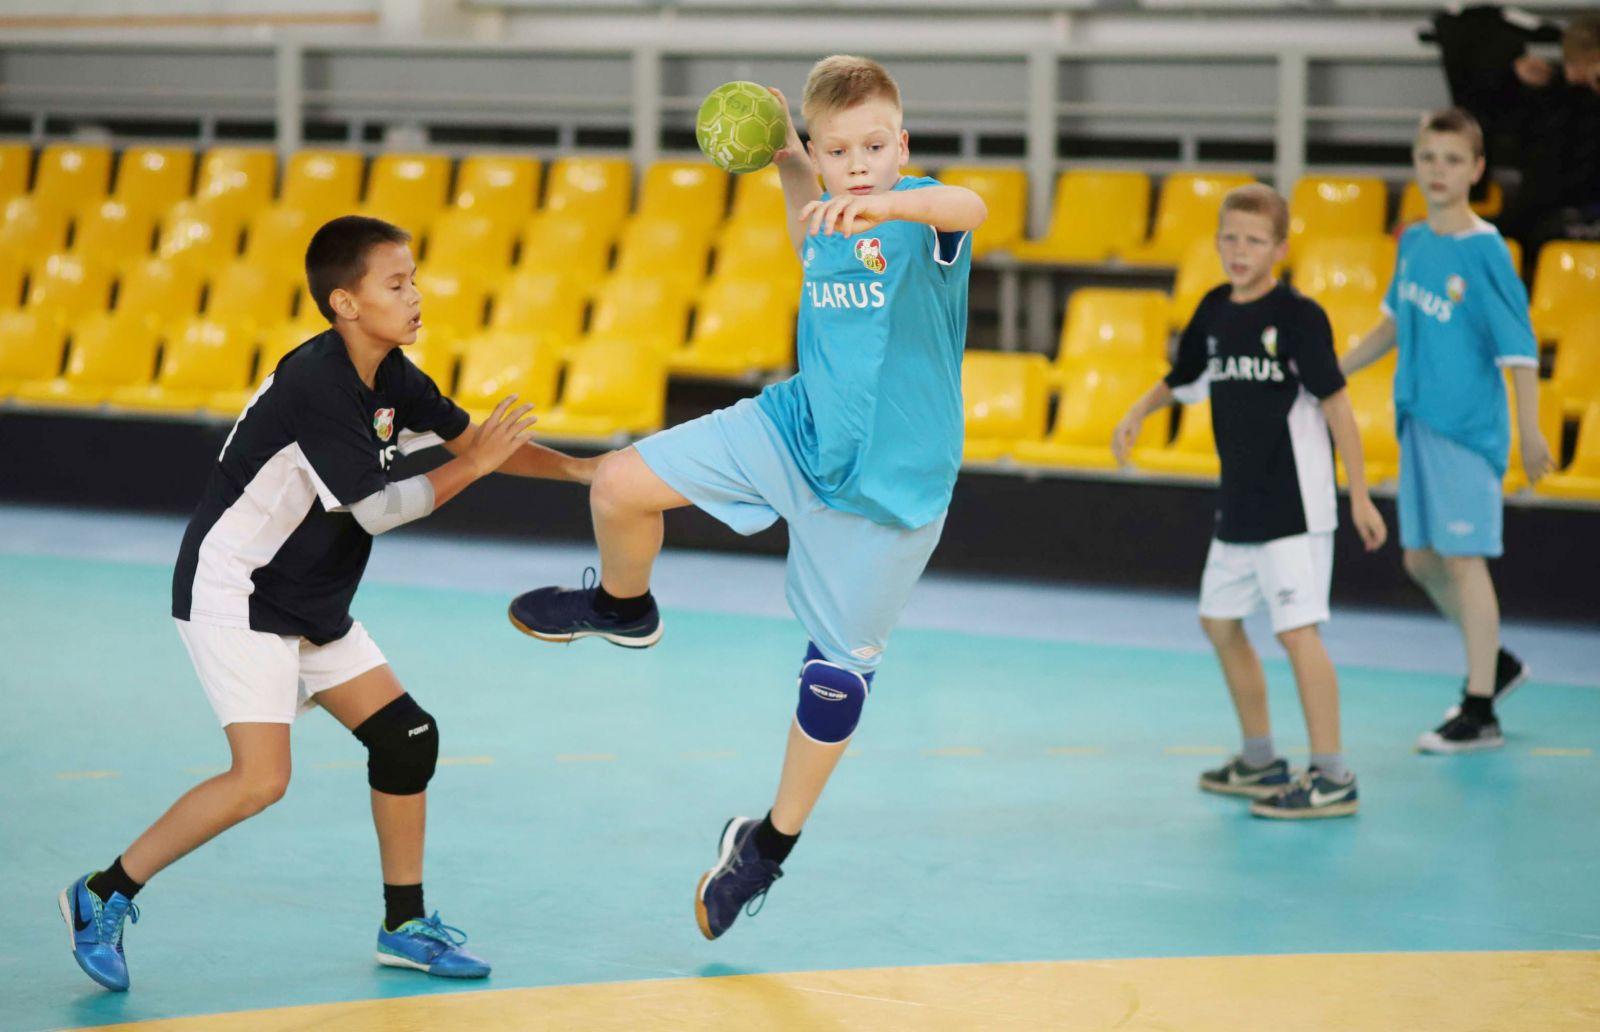 Zubr Cup, Мешков Брест, детский спорт